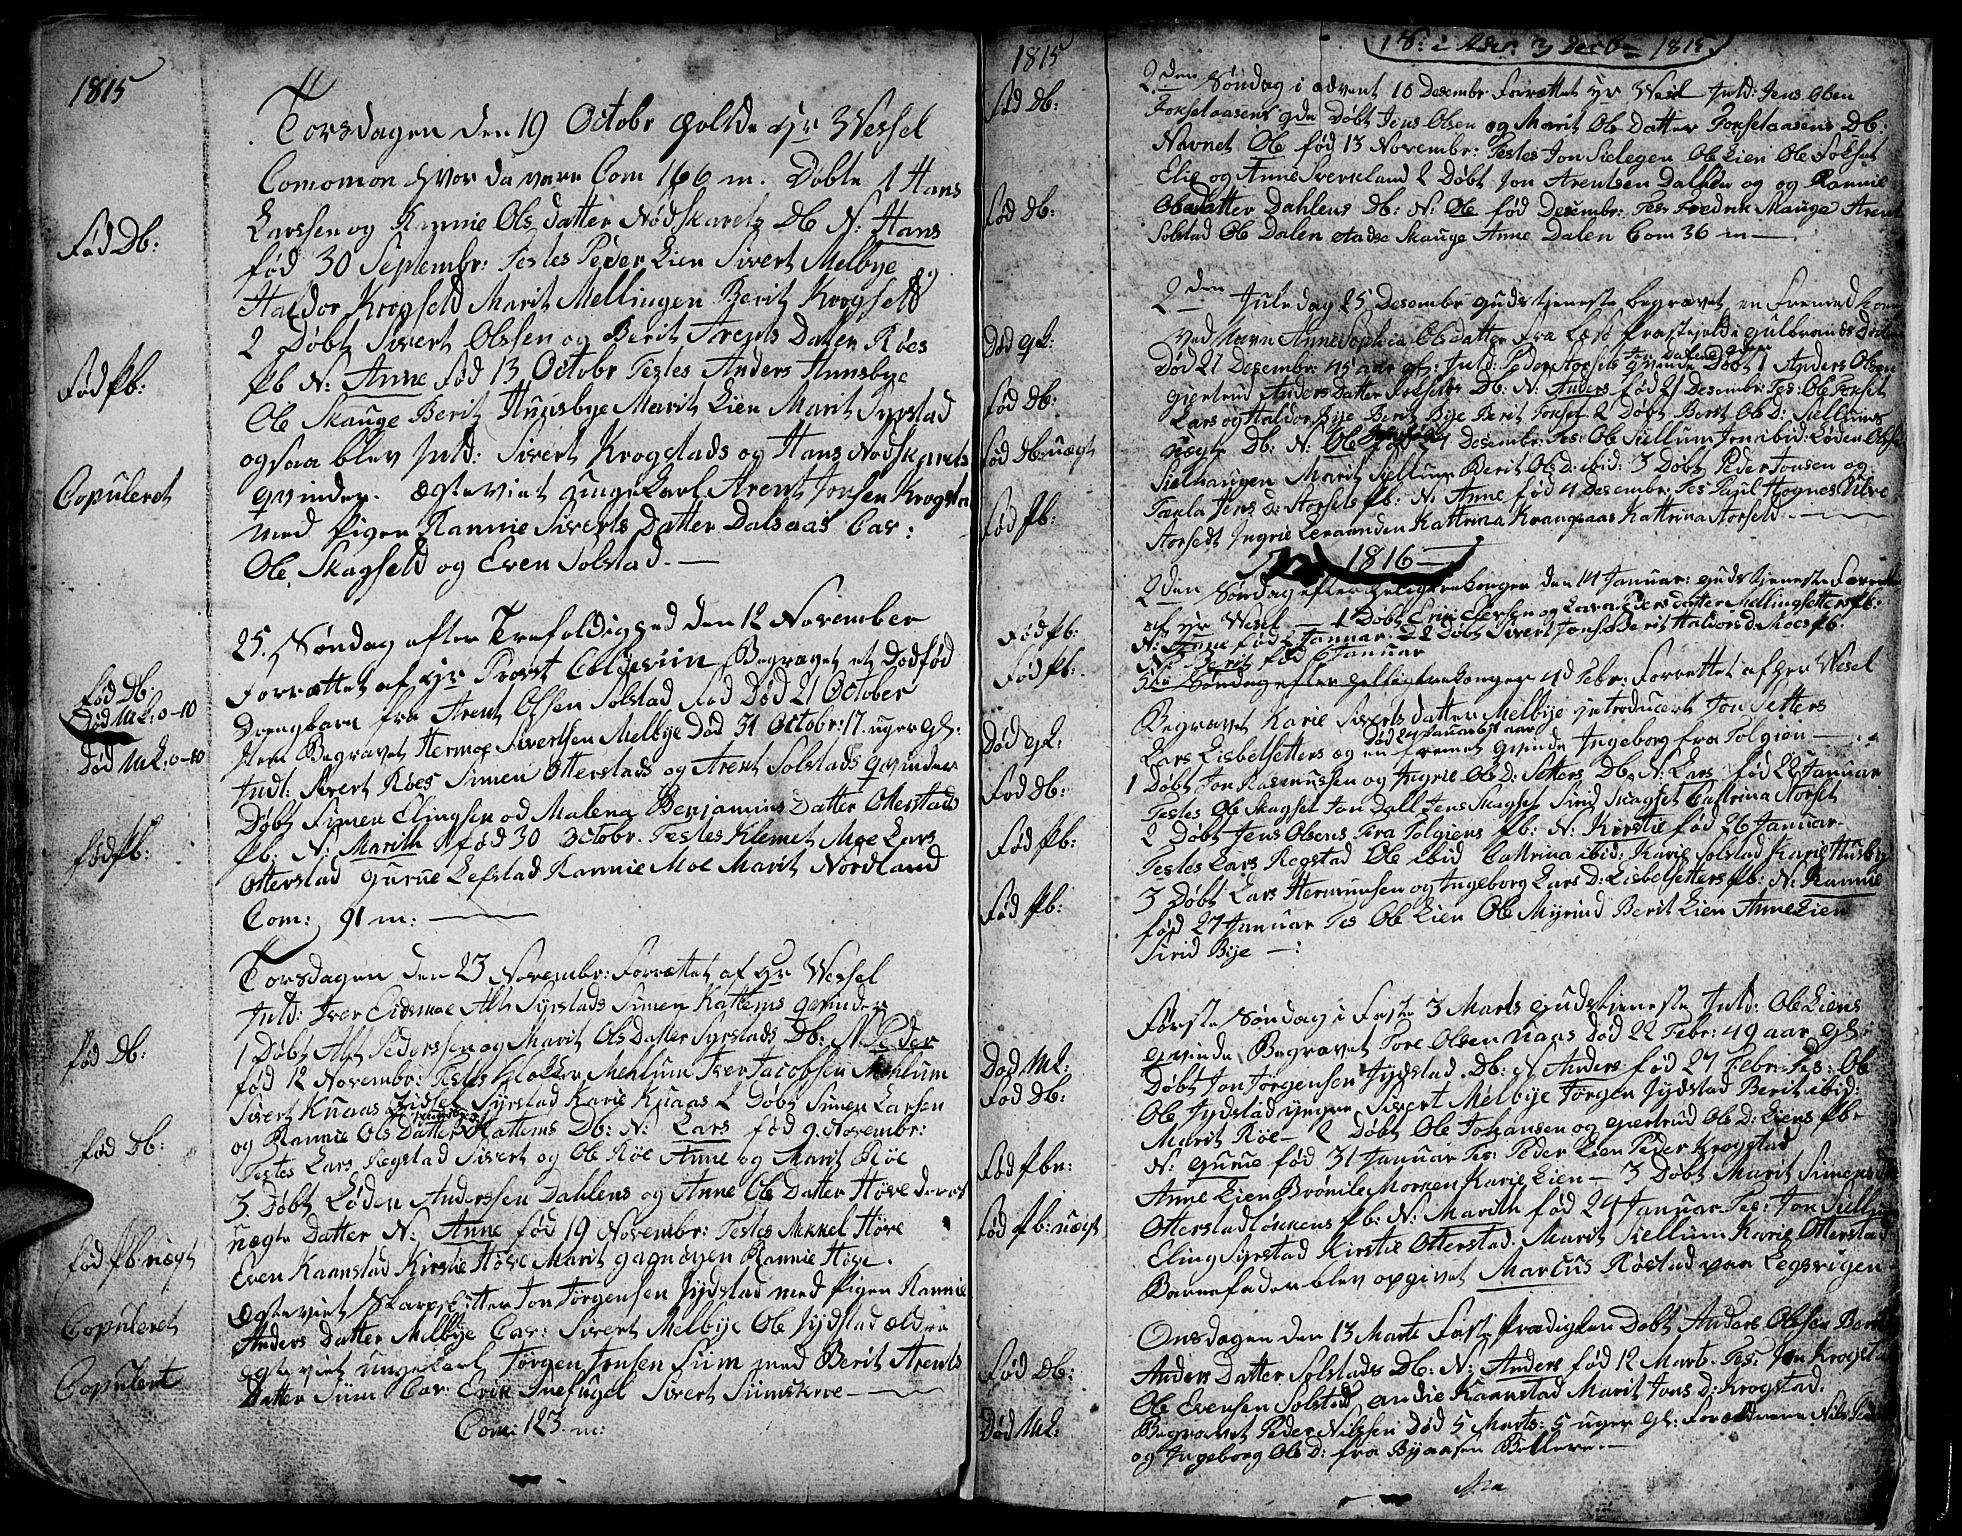 SAT, Ministerialprotokoller, klokkerbøker og fødselsregistre - Sør-Trøndelag, 667/L0794: Ministerialbok nr. 667A02, 1791-1816